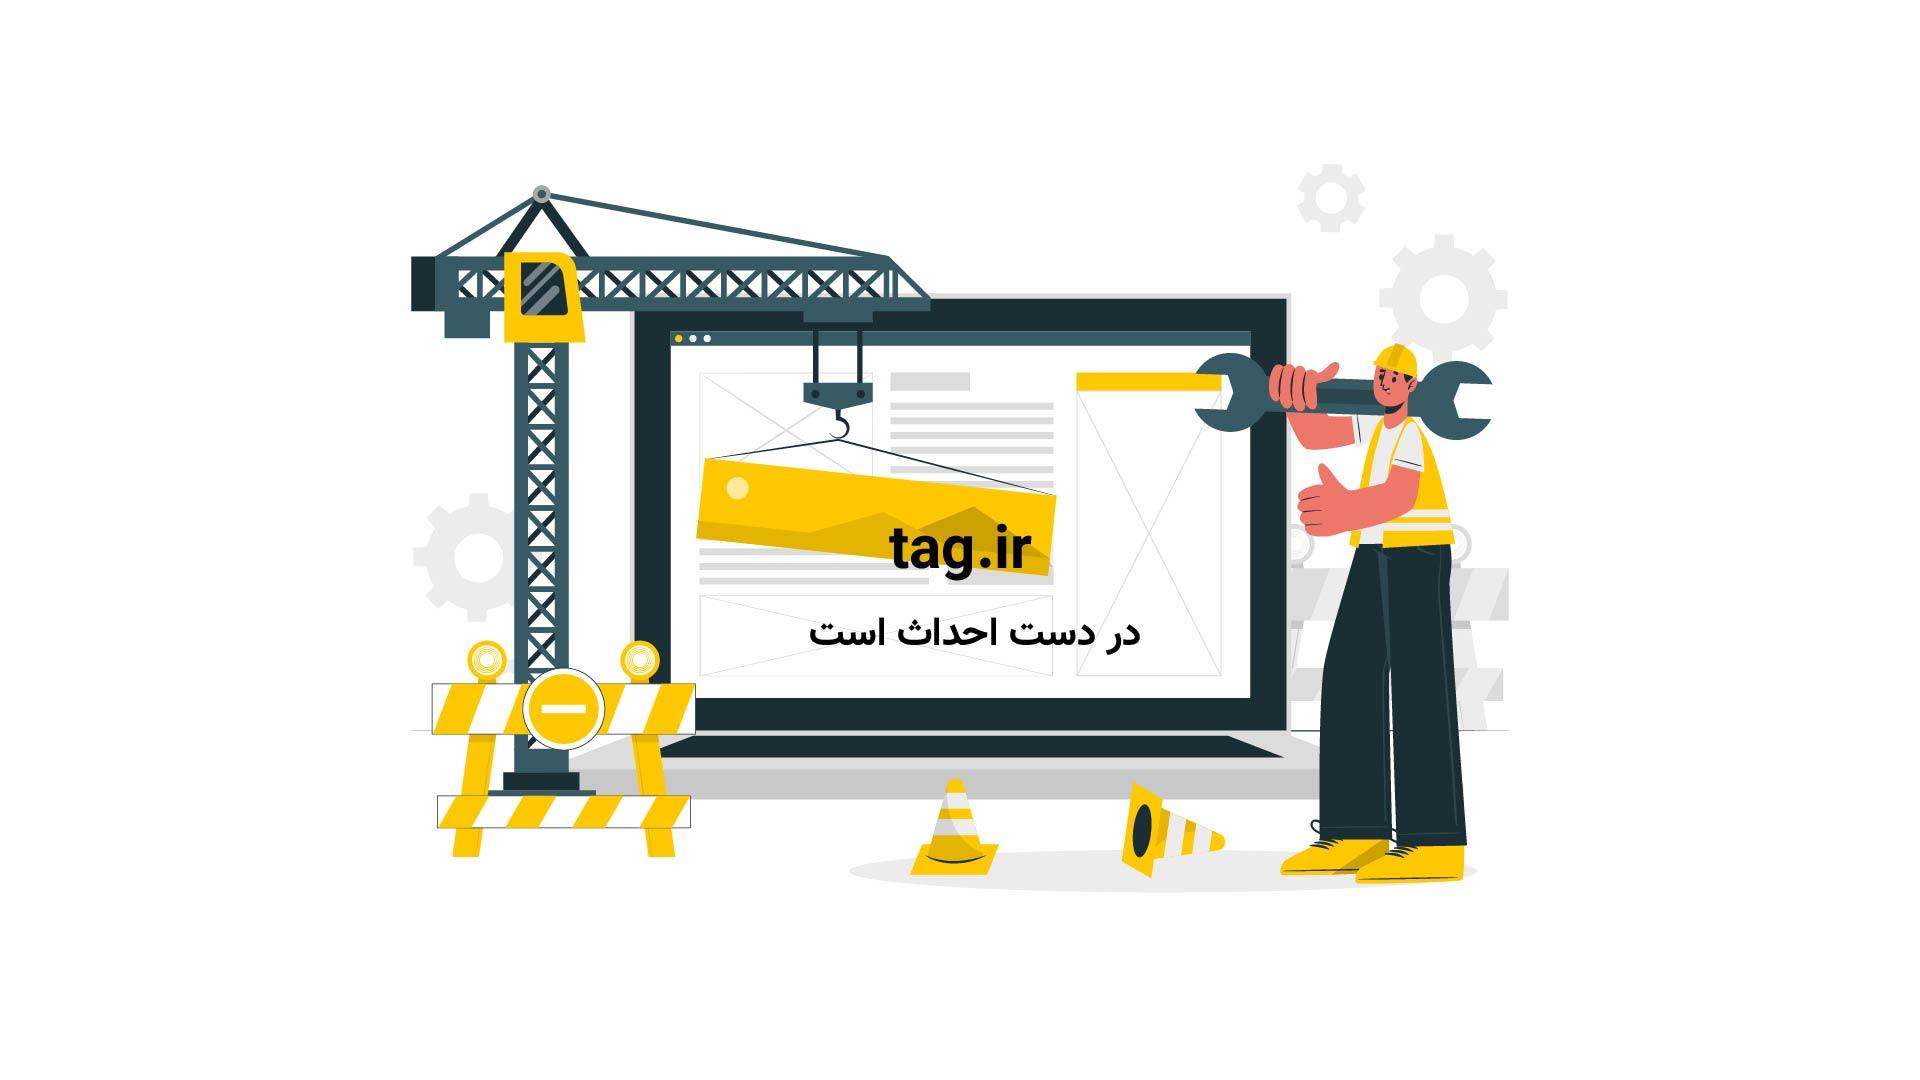 سخنرانیهای تد؛ میکروسکوپی که با کاغذ ساخته میشود | فیلم